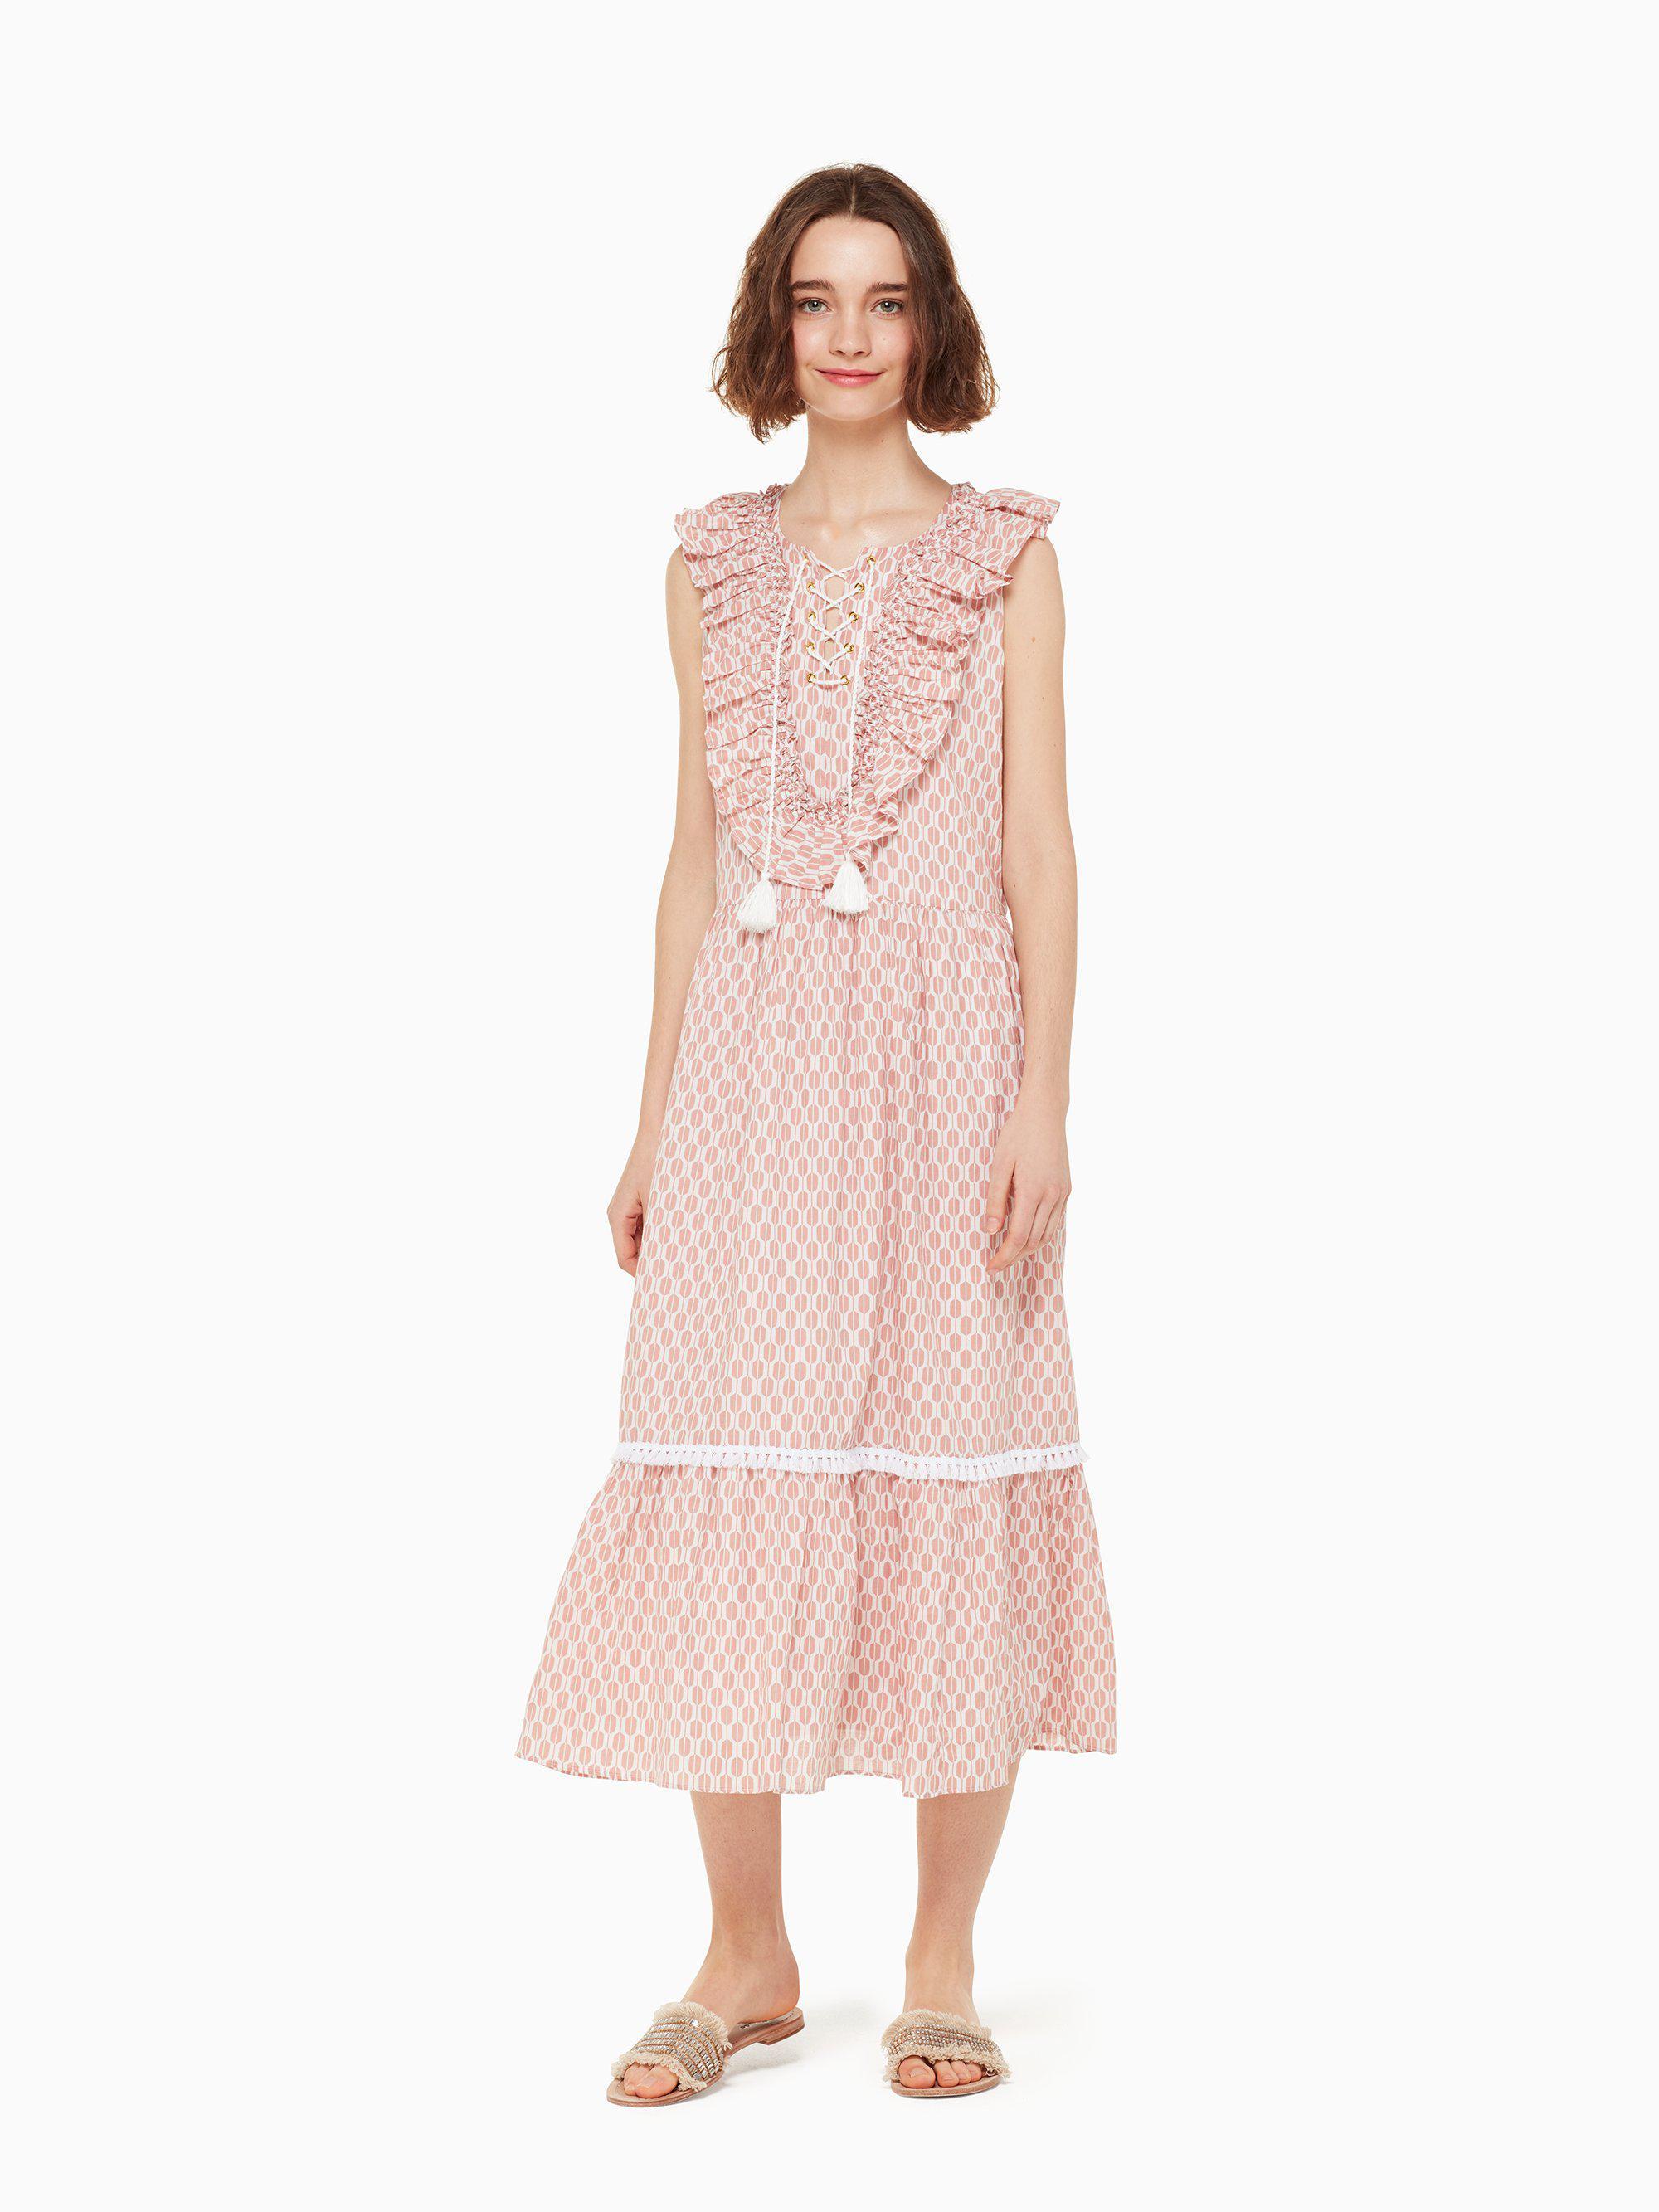 0de9f2640a4 Kate Spade Arrow Stripe Lace Up Dress in Pink - Lyst